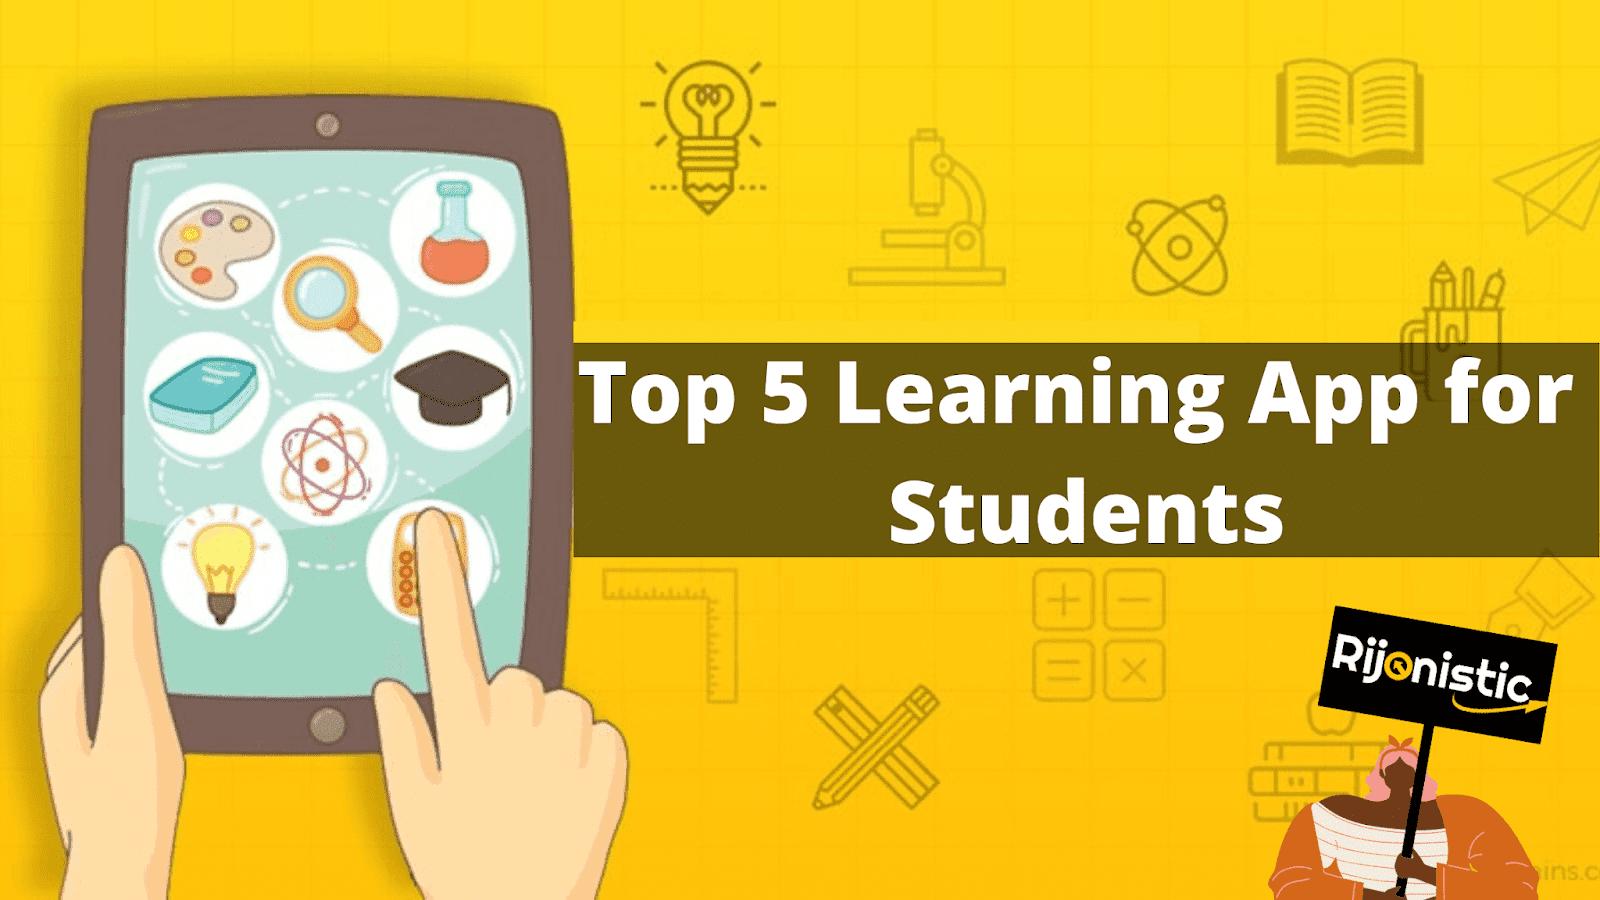 স্টুডেন্টদের জন্য সেরা ৫ টি অ্যাপ, পড়ালেখাকে সহজ করার সেরা অ্যাপ, Khan Academy, Udemy, Best 5 Learning App,